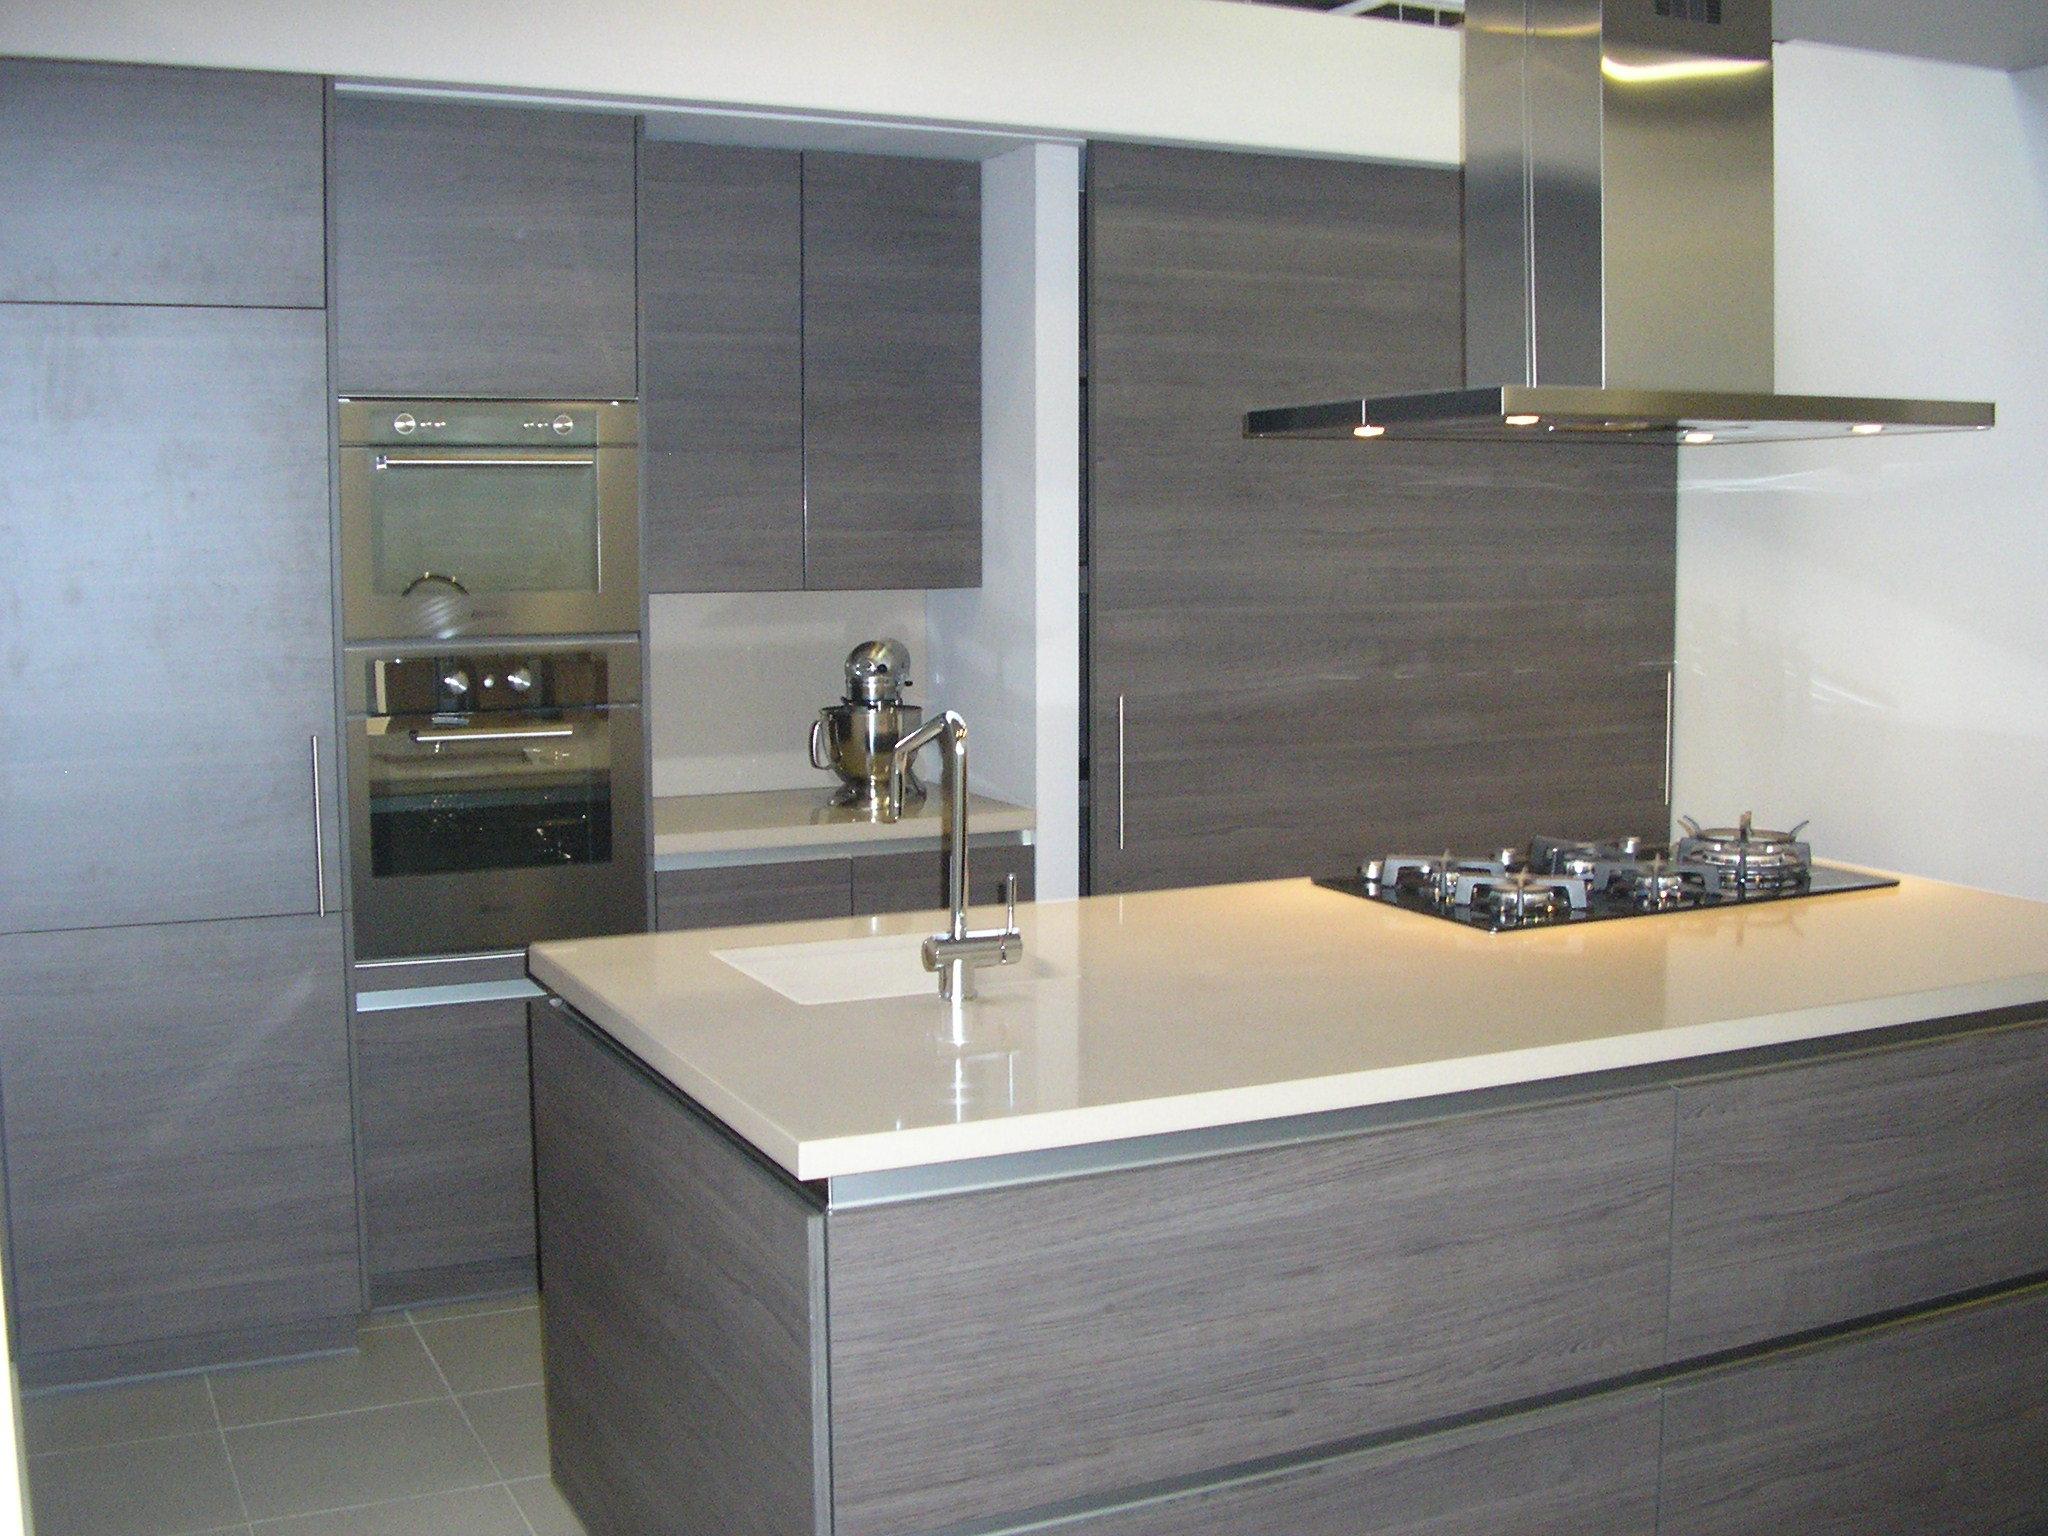 Moderne Greeploze Keuken : Moderne greeploze keuken met composiet werkblad d outlet